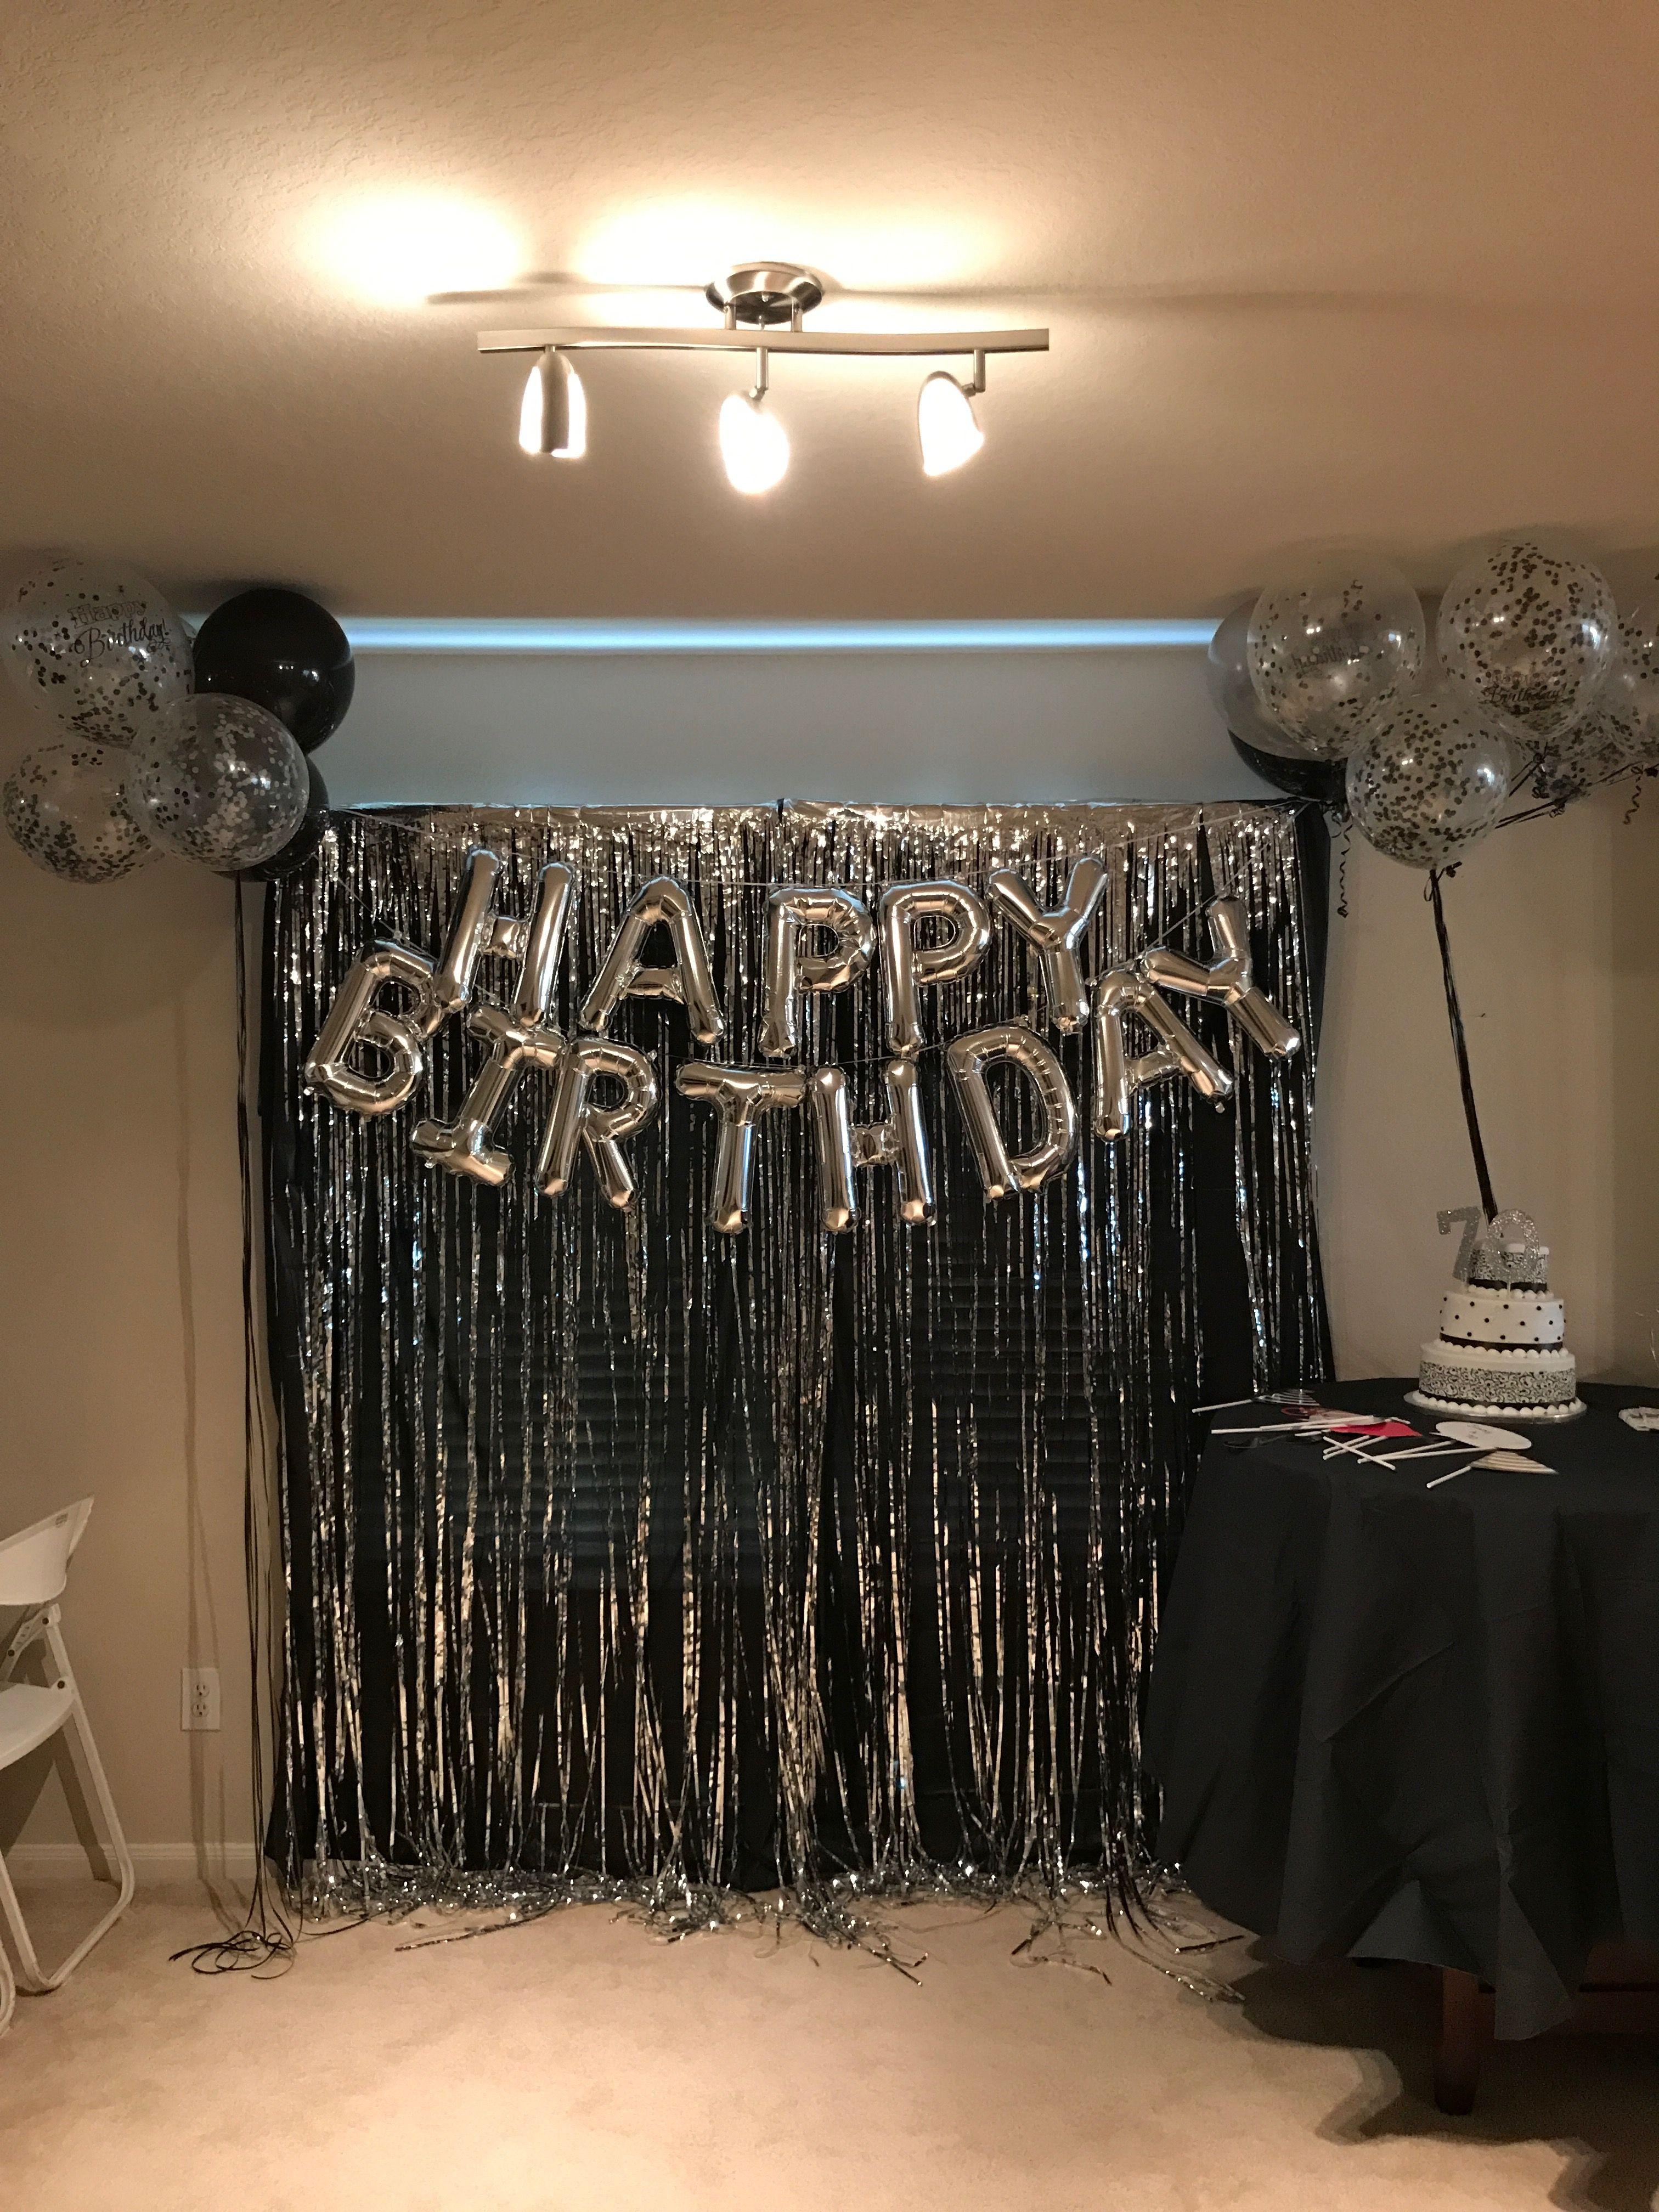 Happy birthday dhaya Birthday idea Pinterest Happy birthday